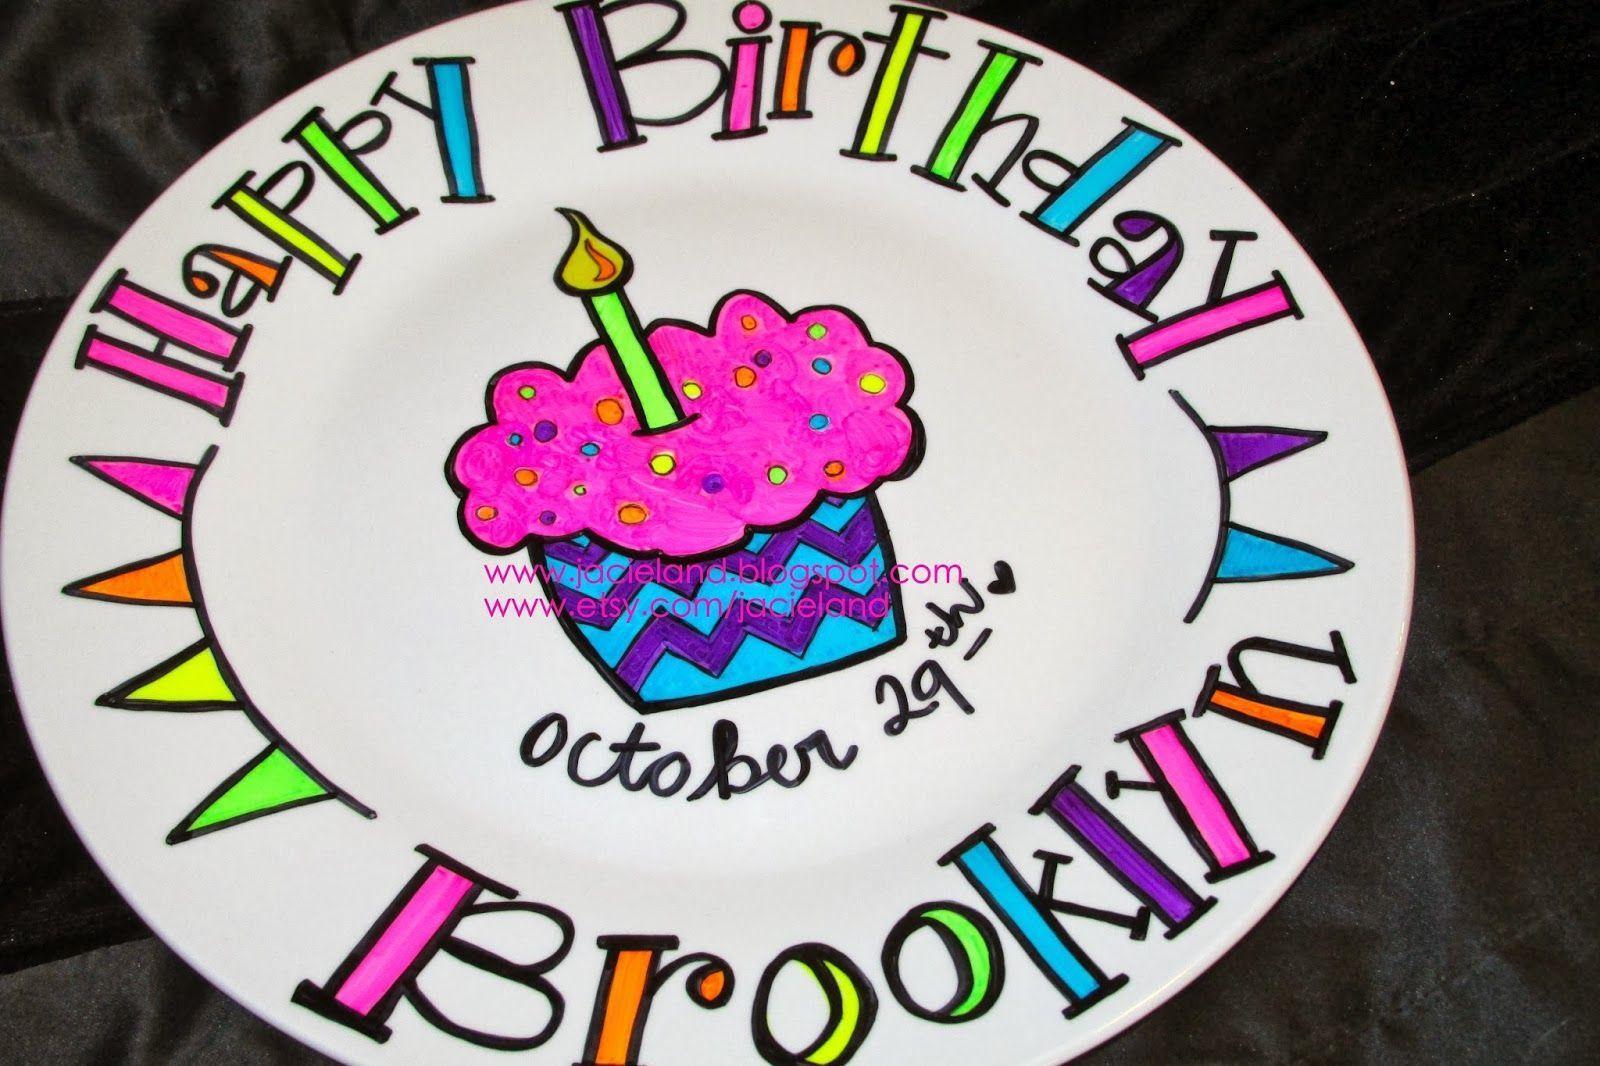 jacie noelle: sharpie plates & bowls. #sharpieplates jacie noelle: sharpie plates & bowls. #sharpieplates jacie noelle: sharpie plates & bowls. #sharpieplates jacie noelle: sharpie plates & bowls. #sharpieplates